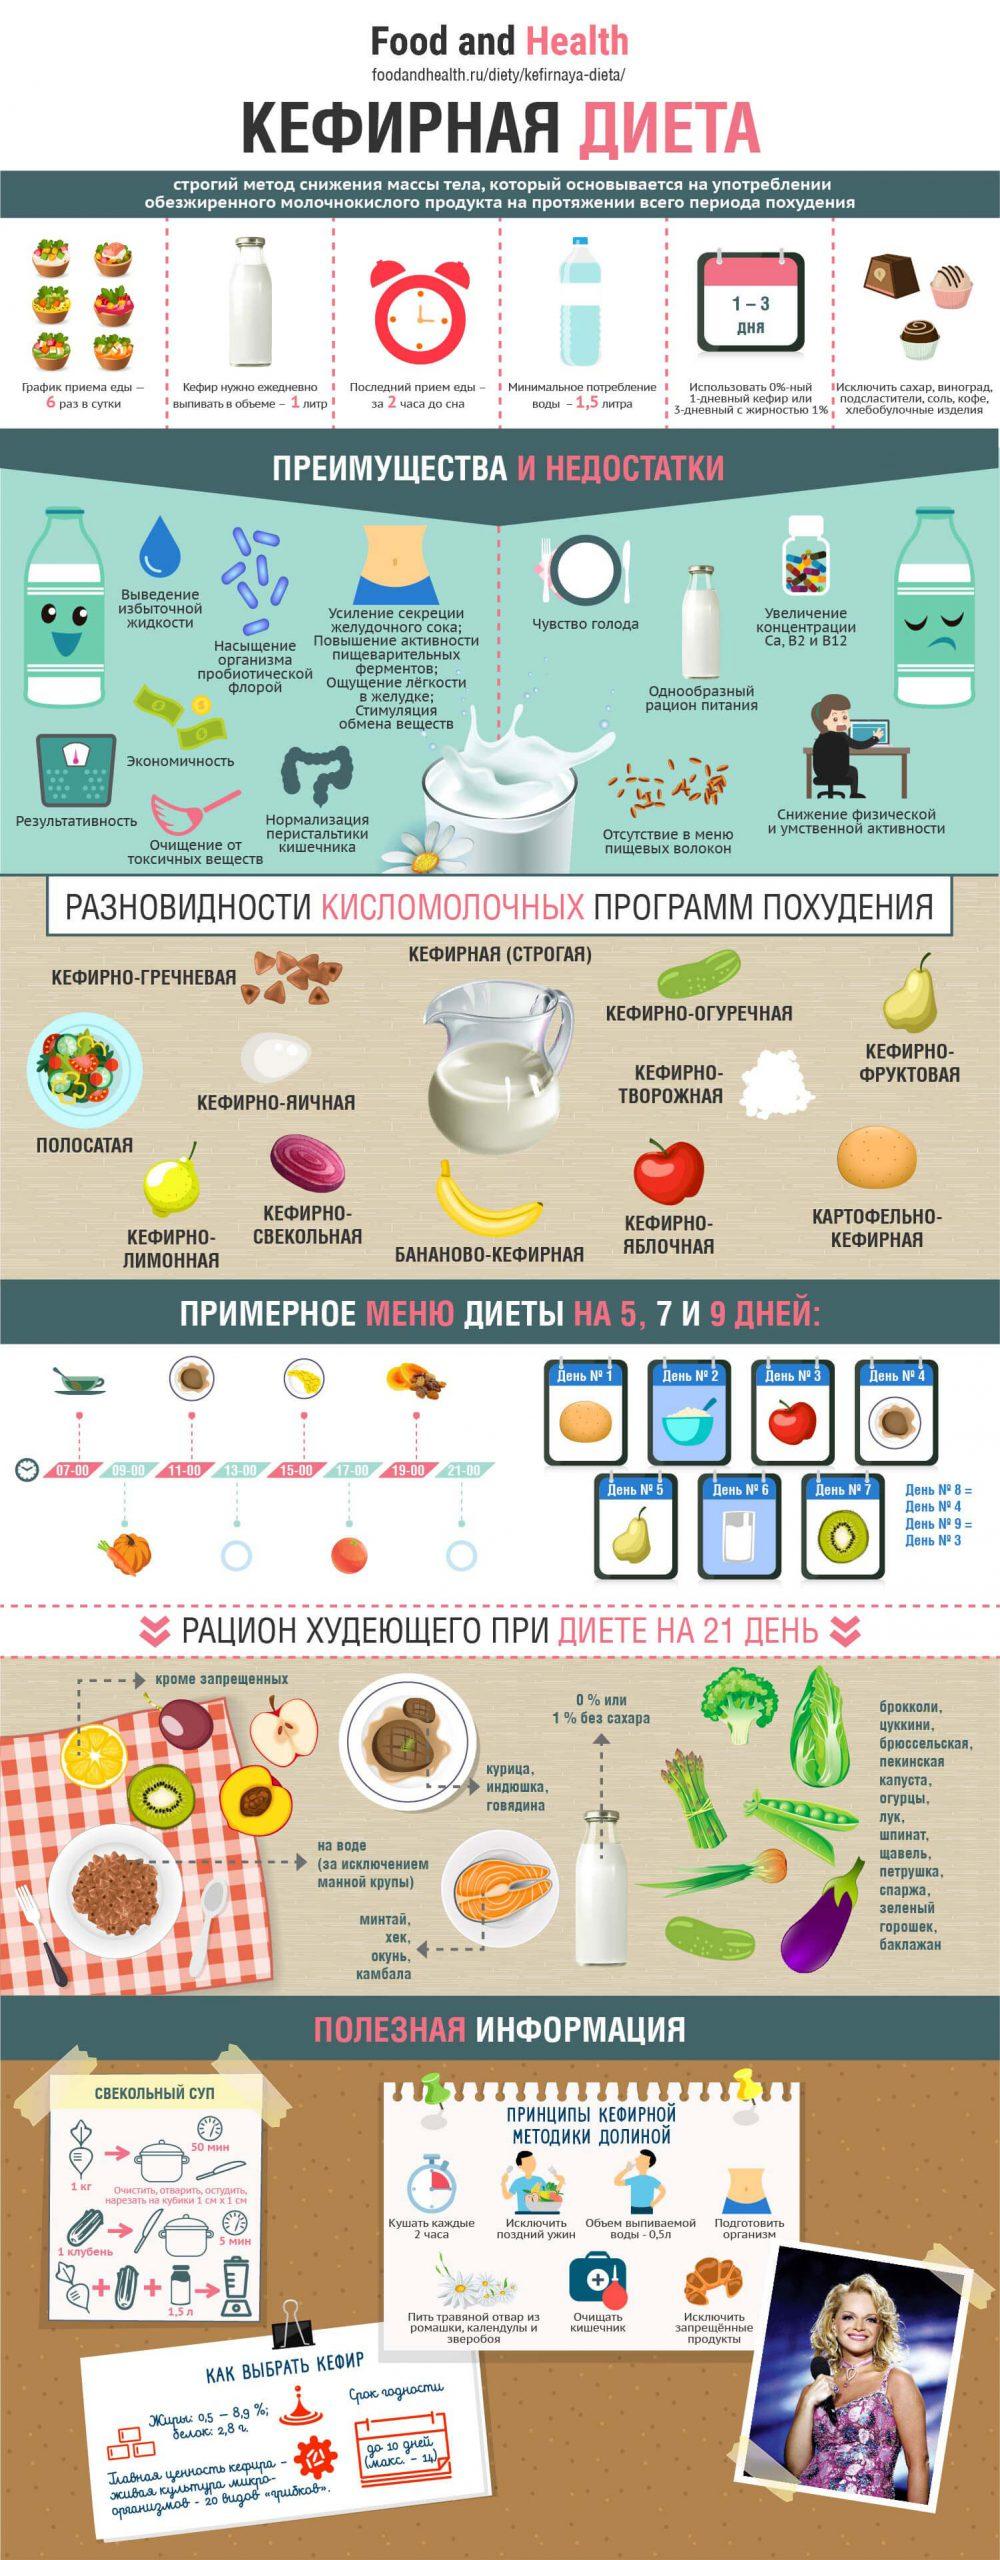 Кефирные диеты для похудения